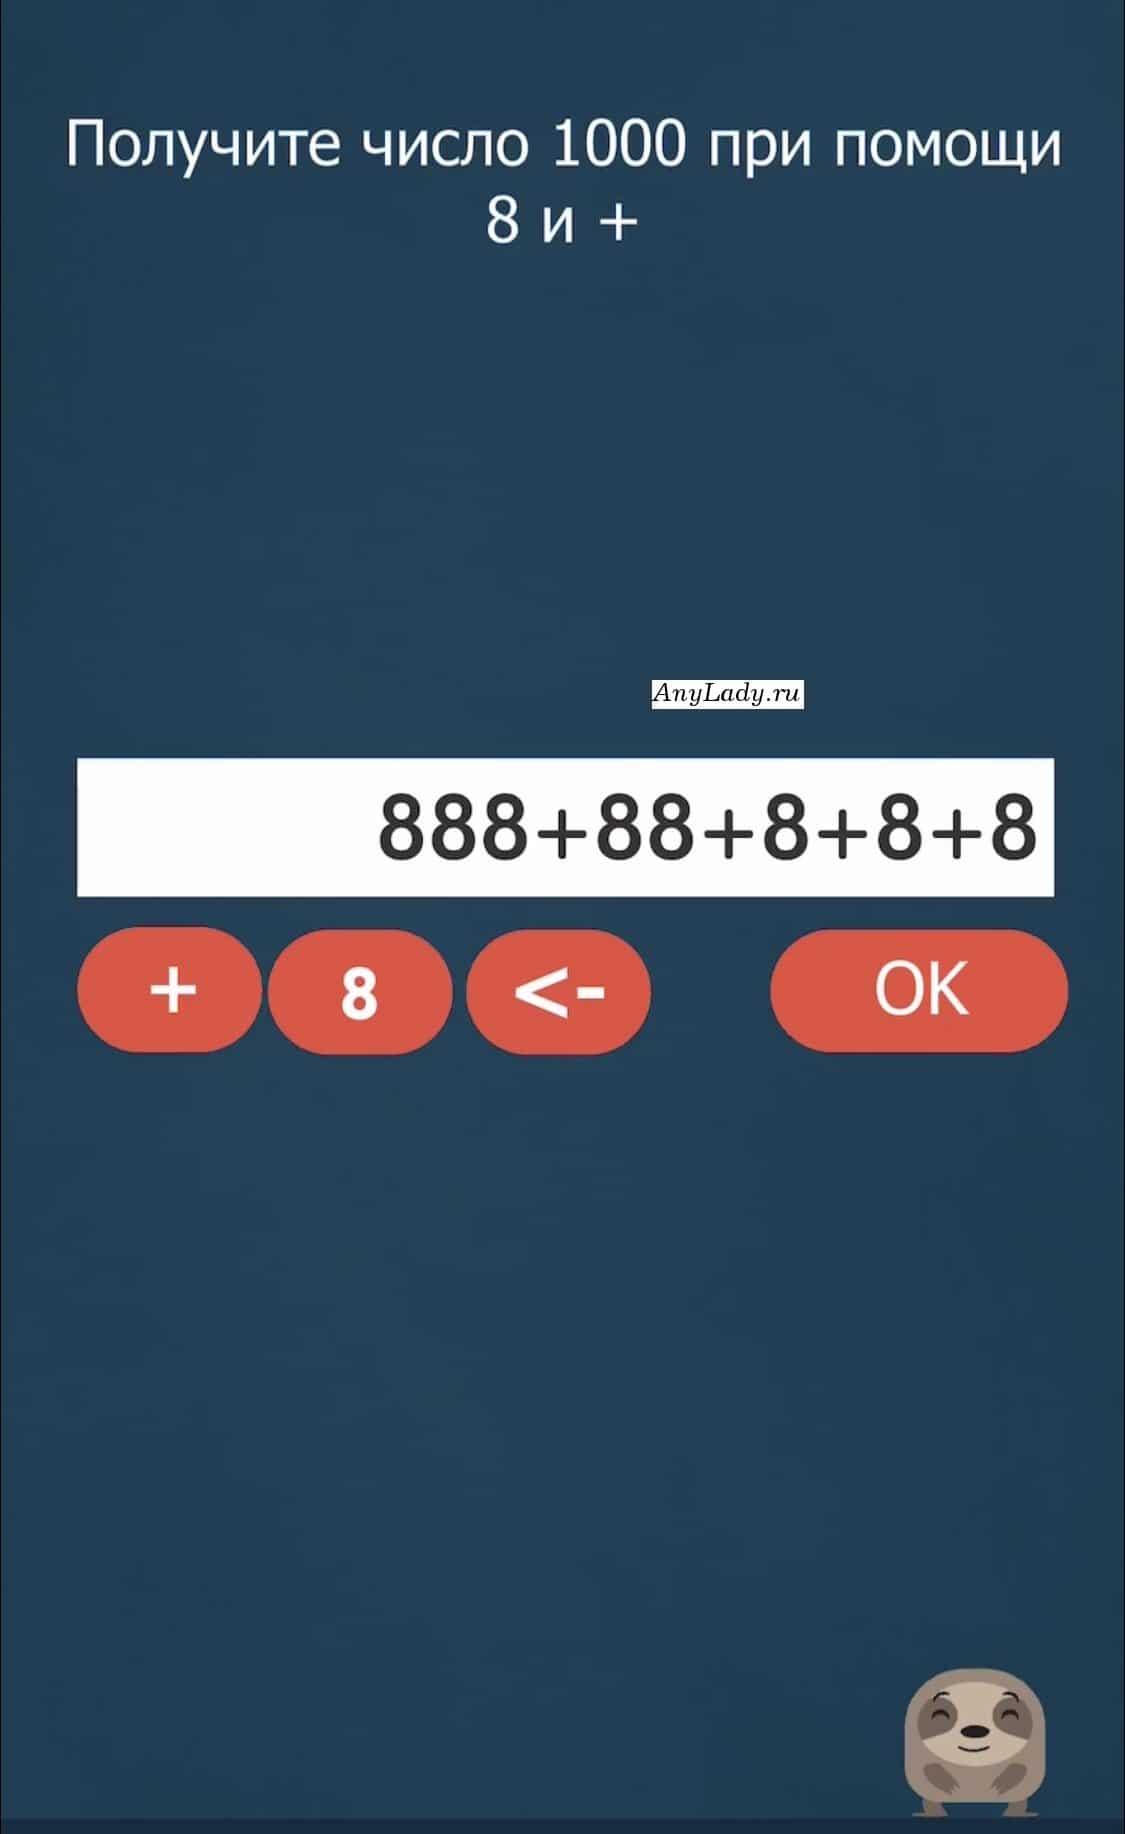 Вписывайте по порядку следующие данные:  888 + 88 + 8 + 8 + 8.